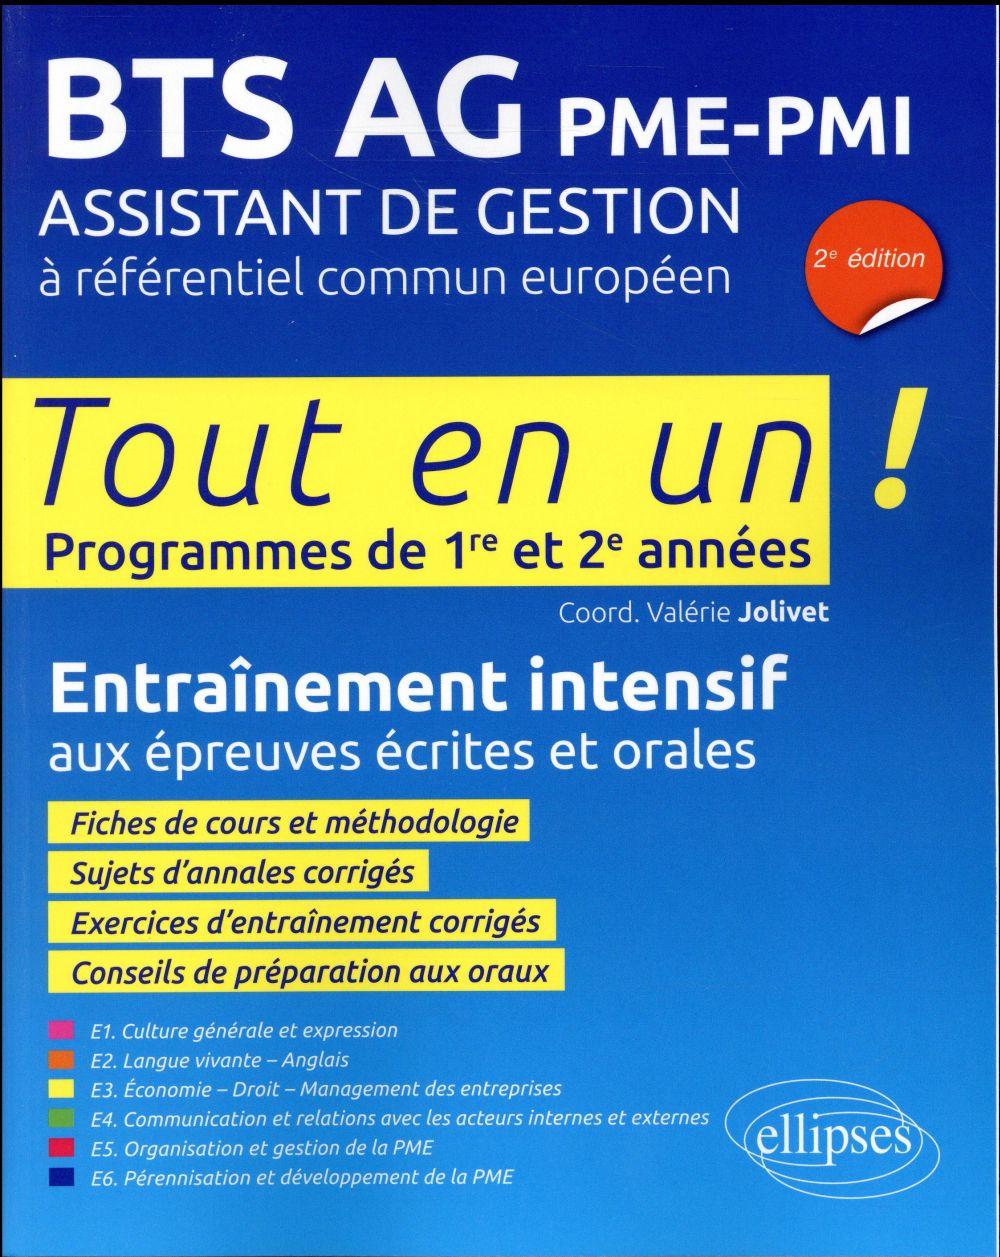 BTS AG PME-PMI ASSISTANT DE GESTION A REFERENTIEL EUROPEEN 2E EDITION